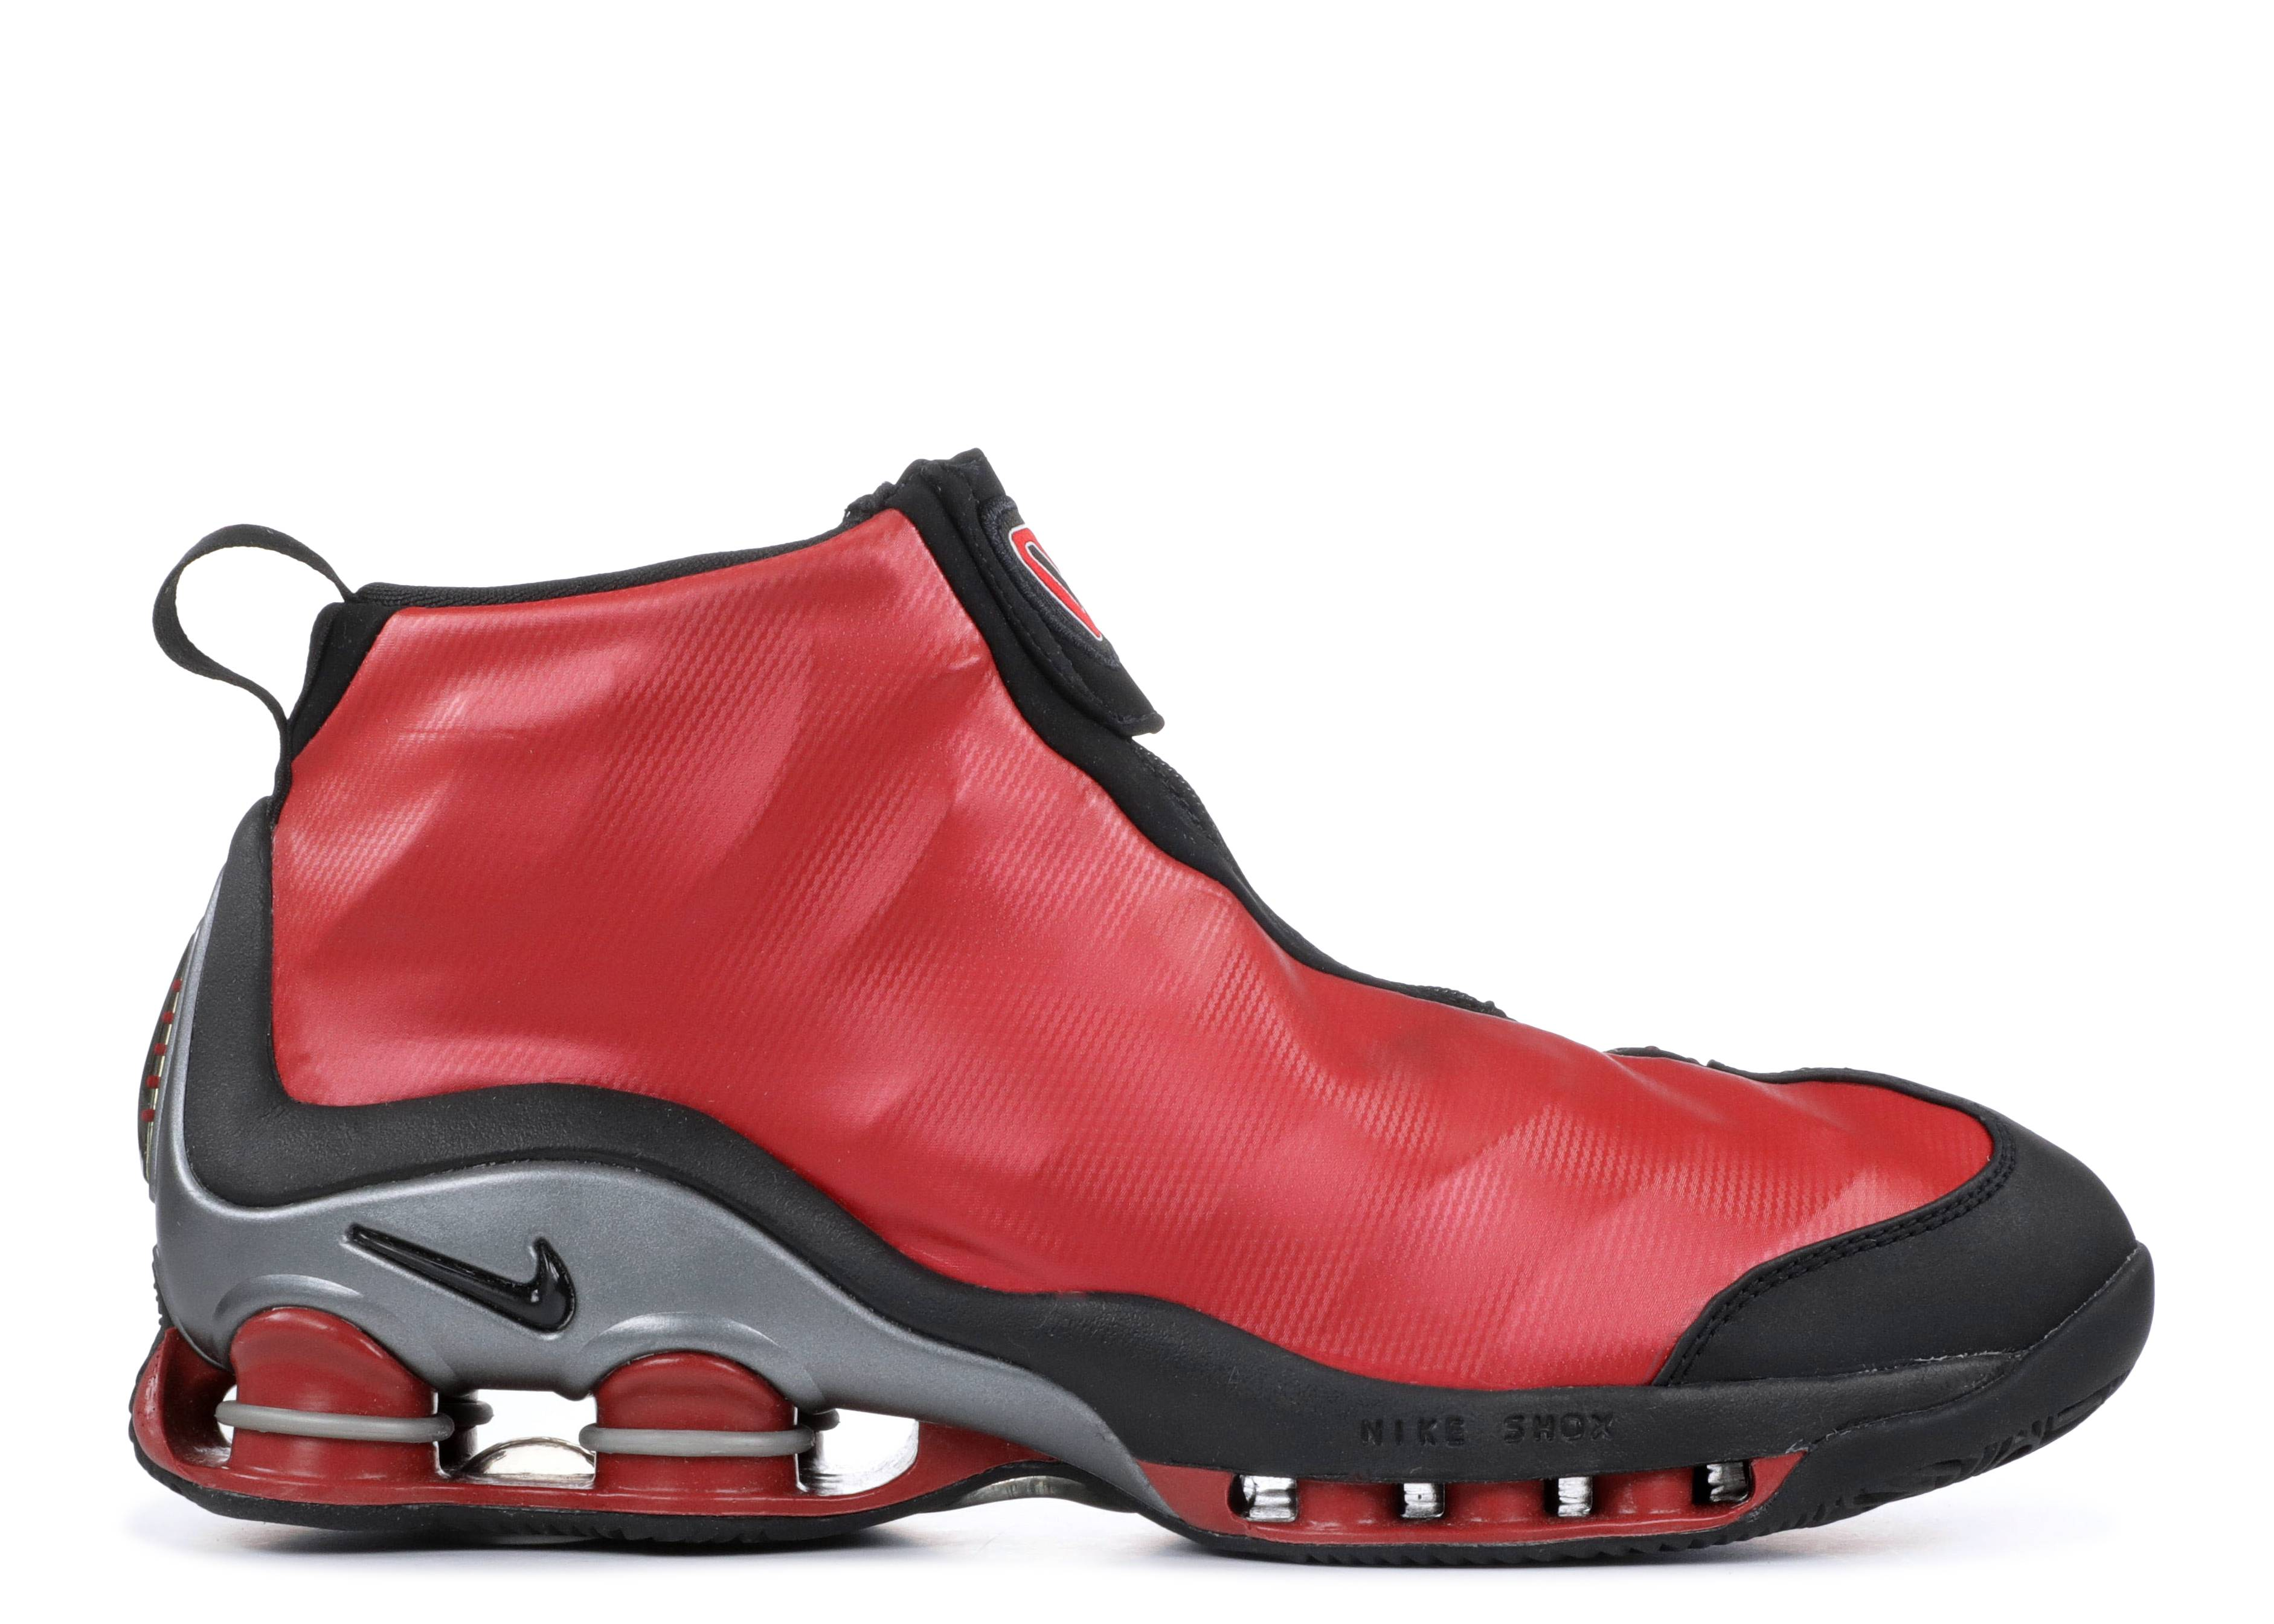 137afc451fe79c Nike Shox Vc - Nike - 302277 601 - varsity red black- met silver ...